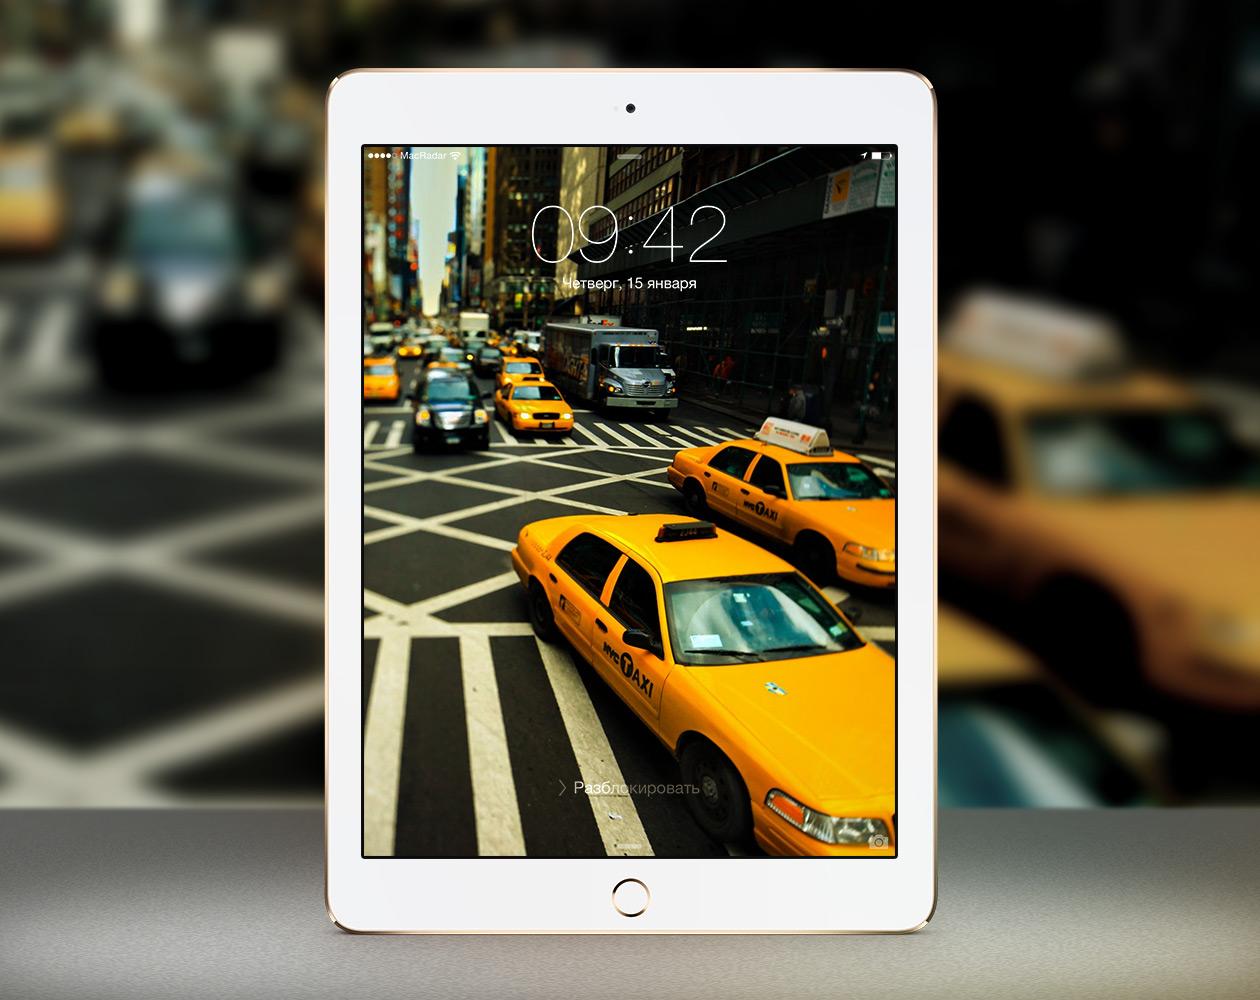 Обои для iPad: По городским улицам